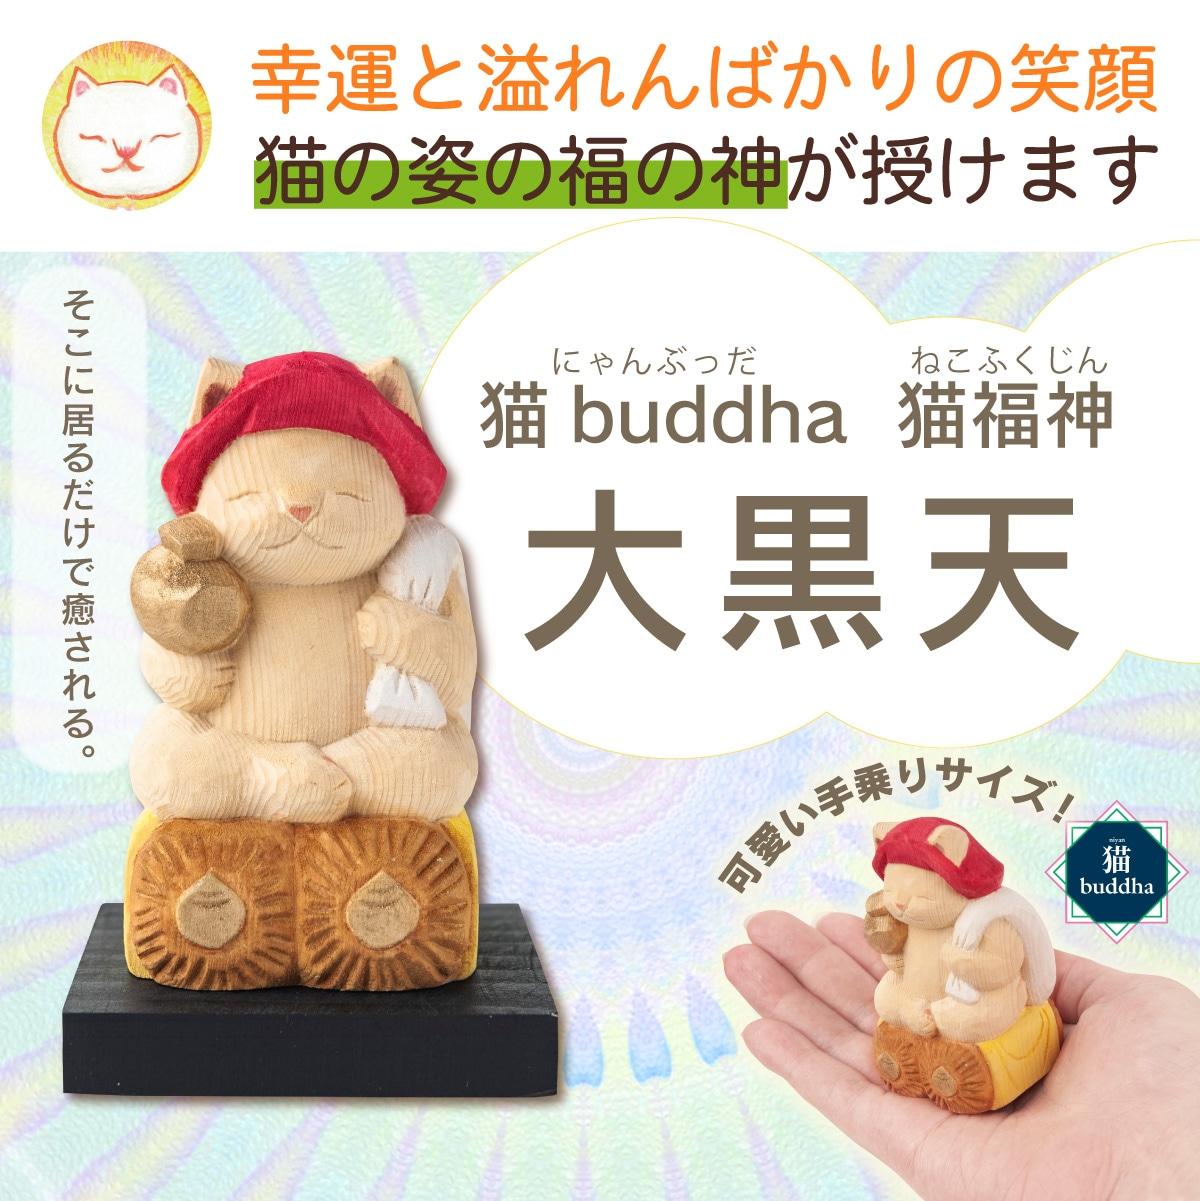 猫buddha 猫福神 大黒天 開運グッズ